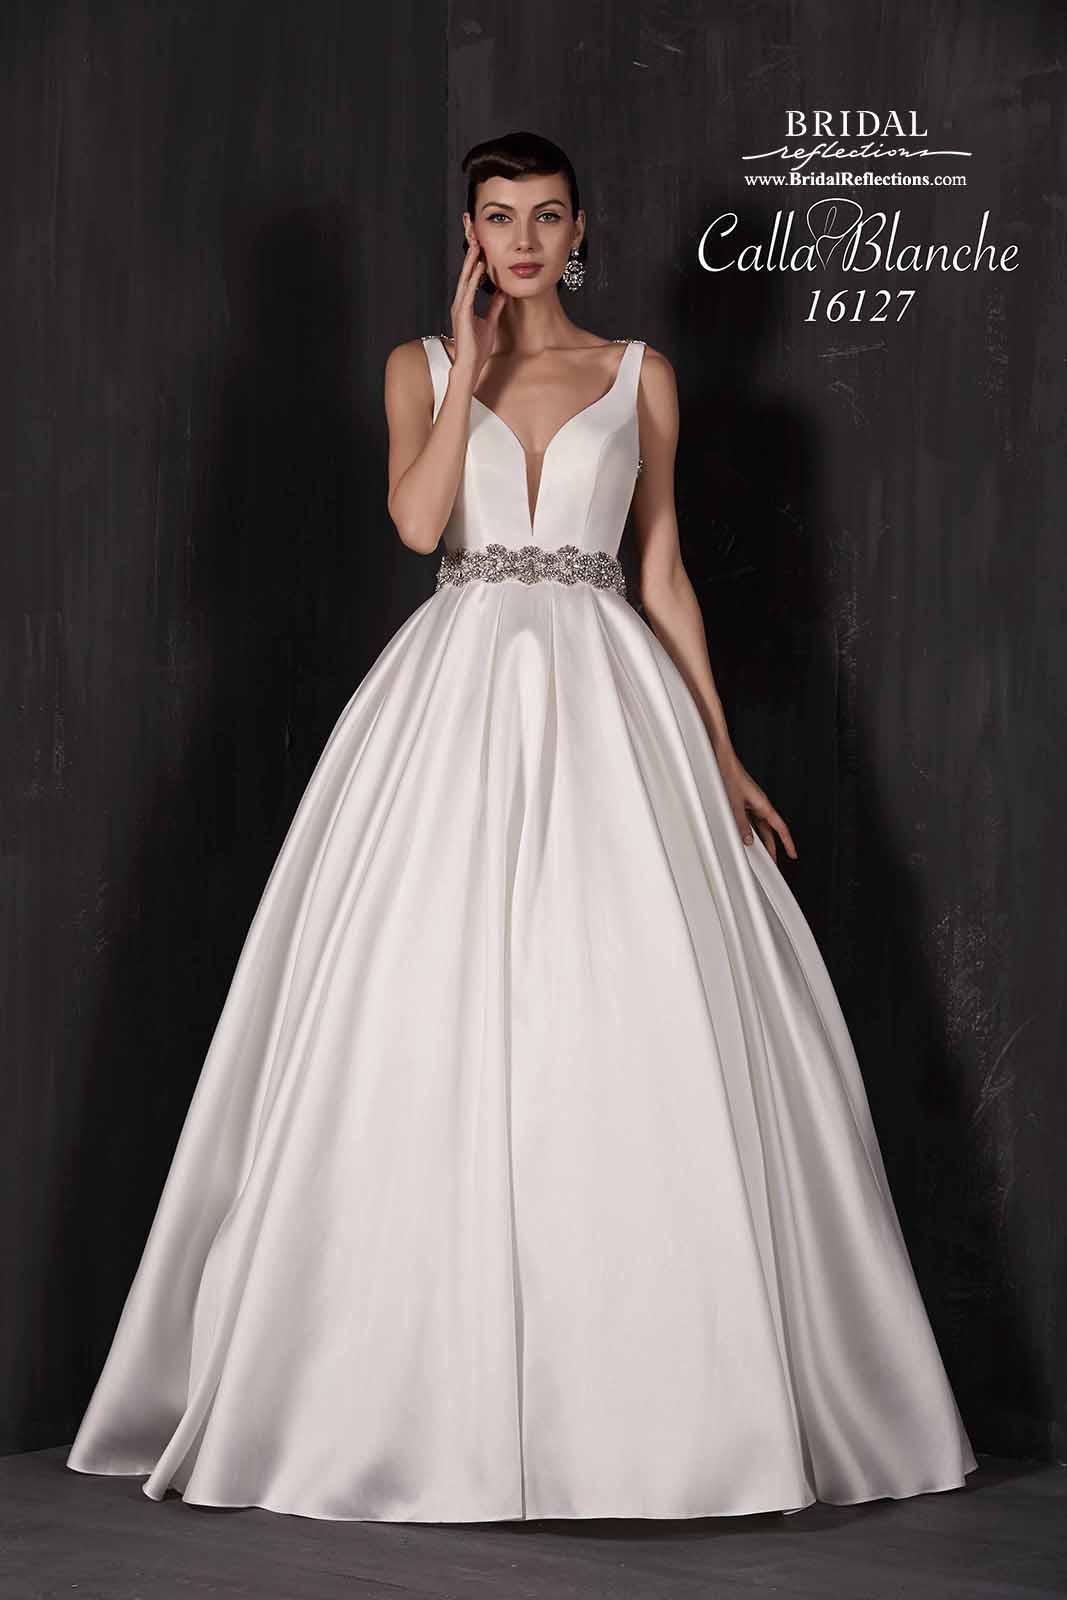 calla blanche 16127 2